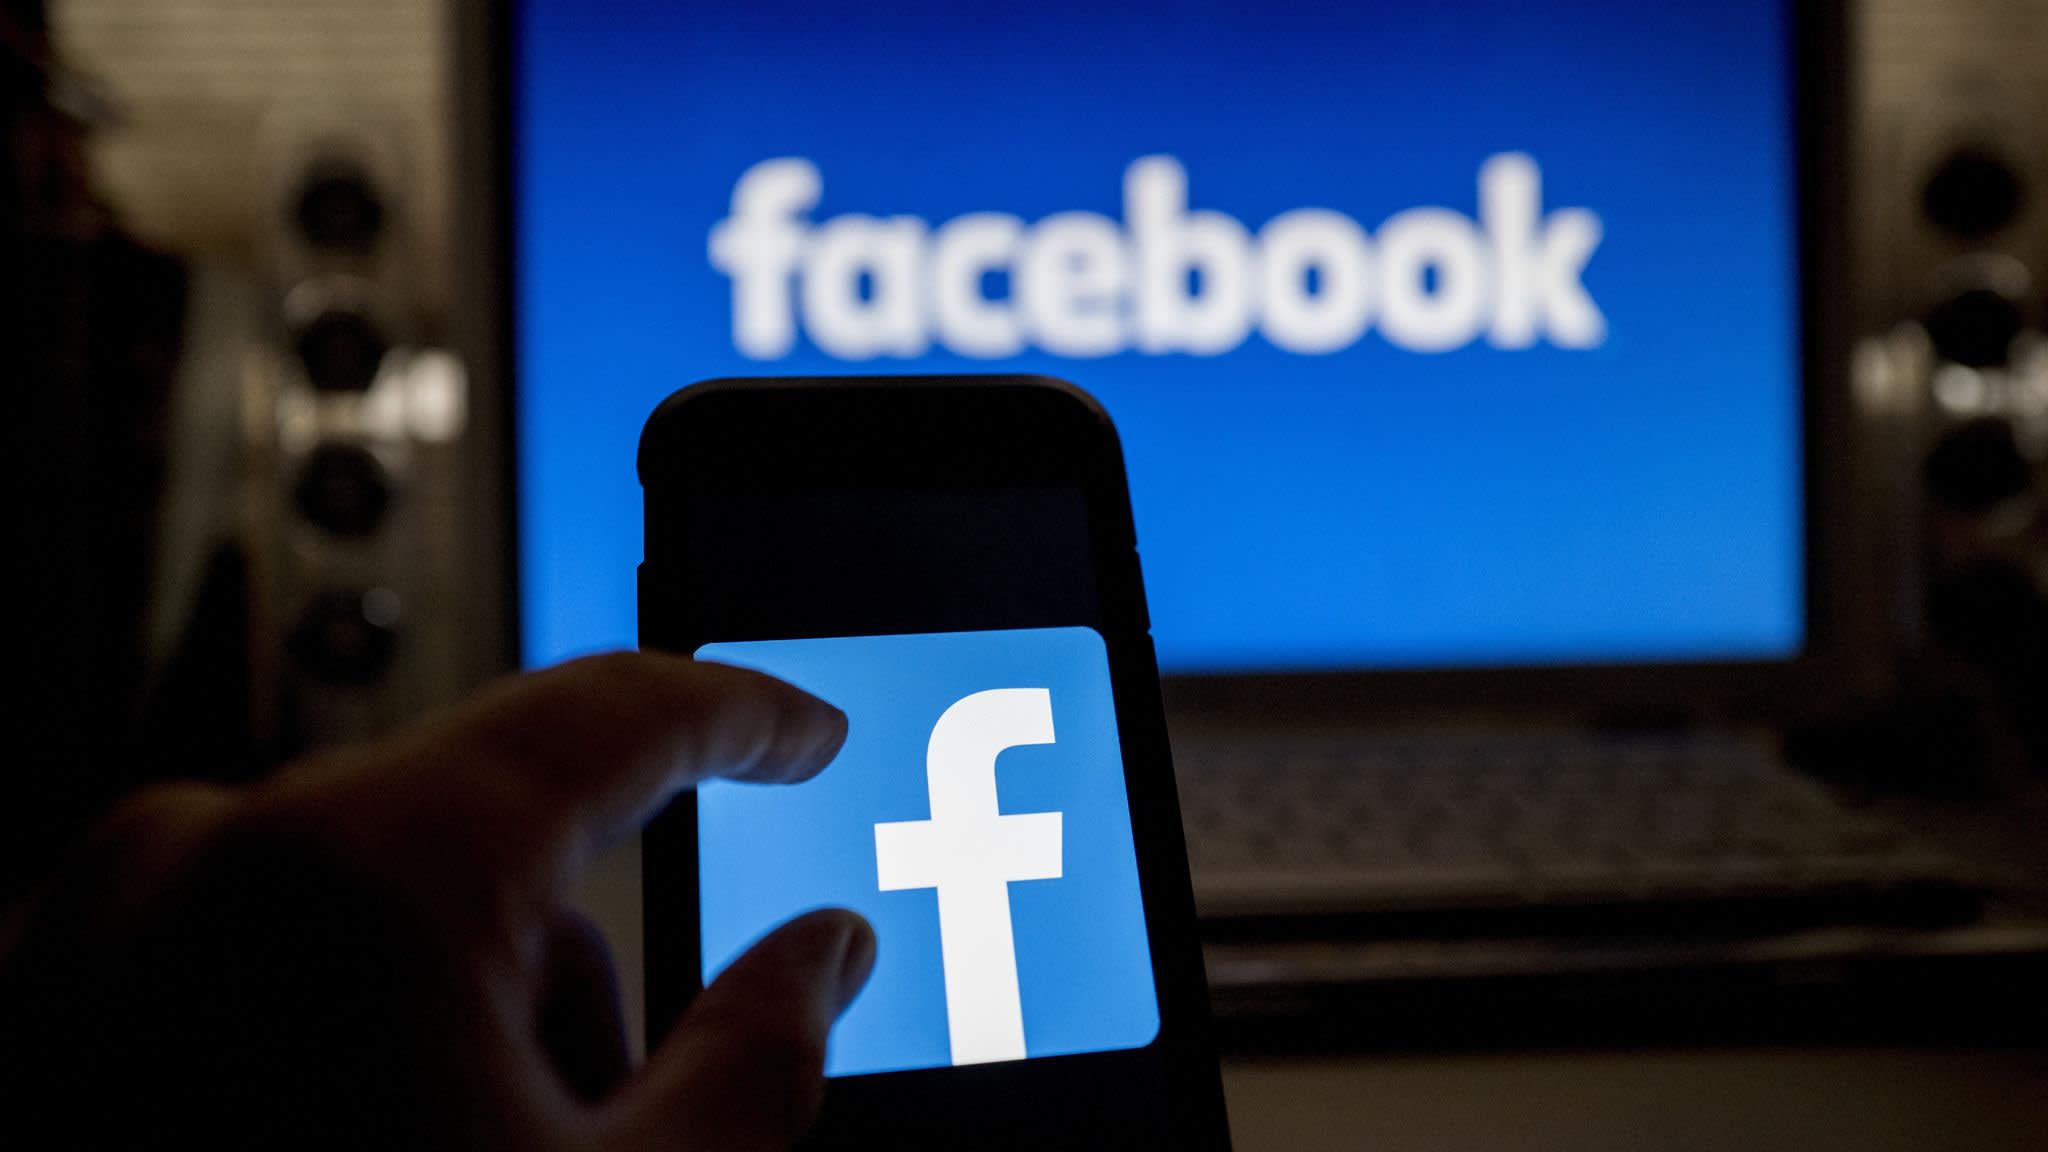 Facebook fires PR firm after alleged George Soros smear